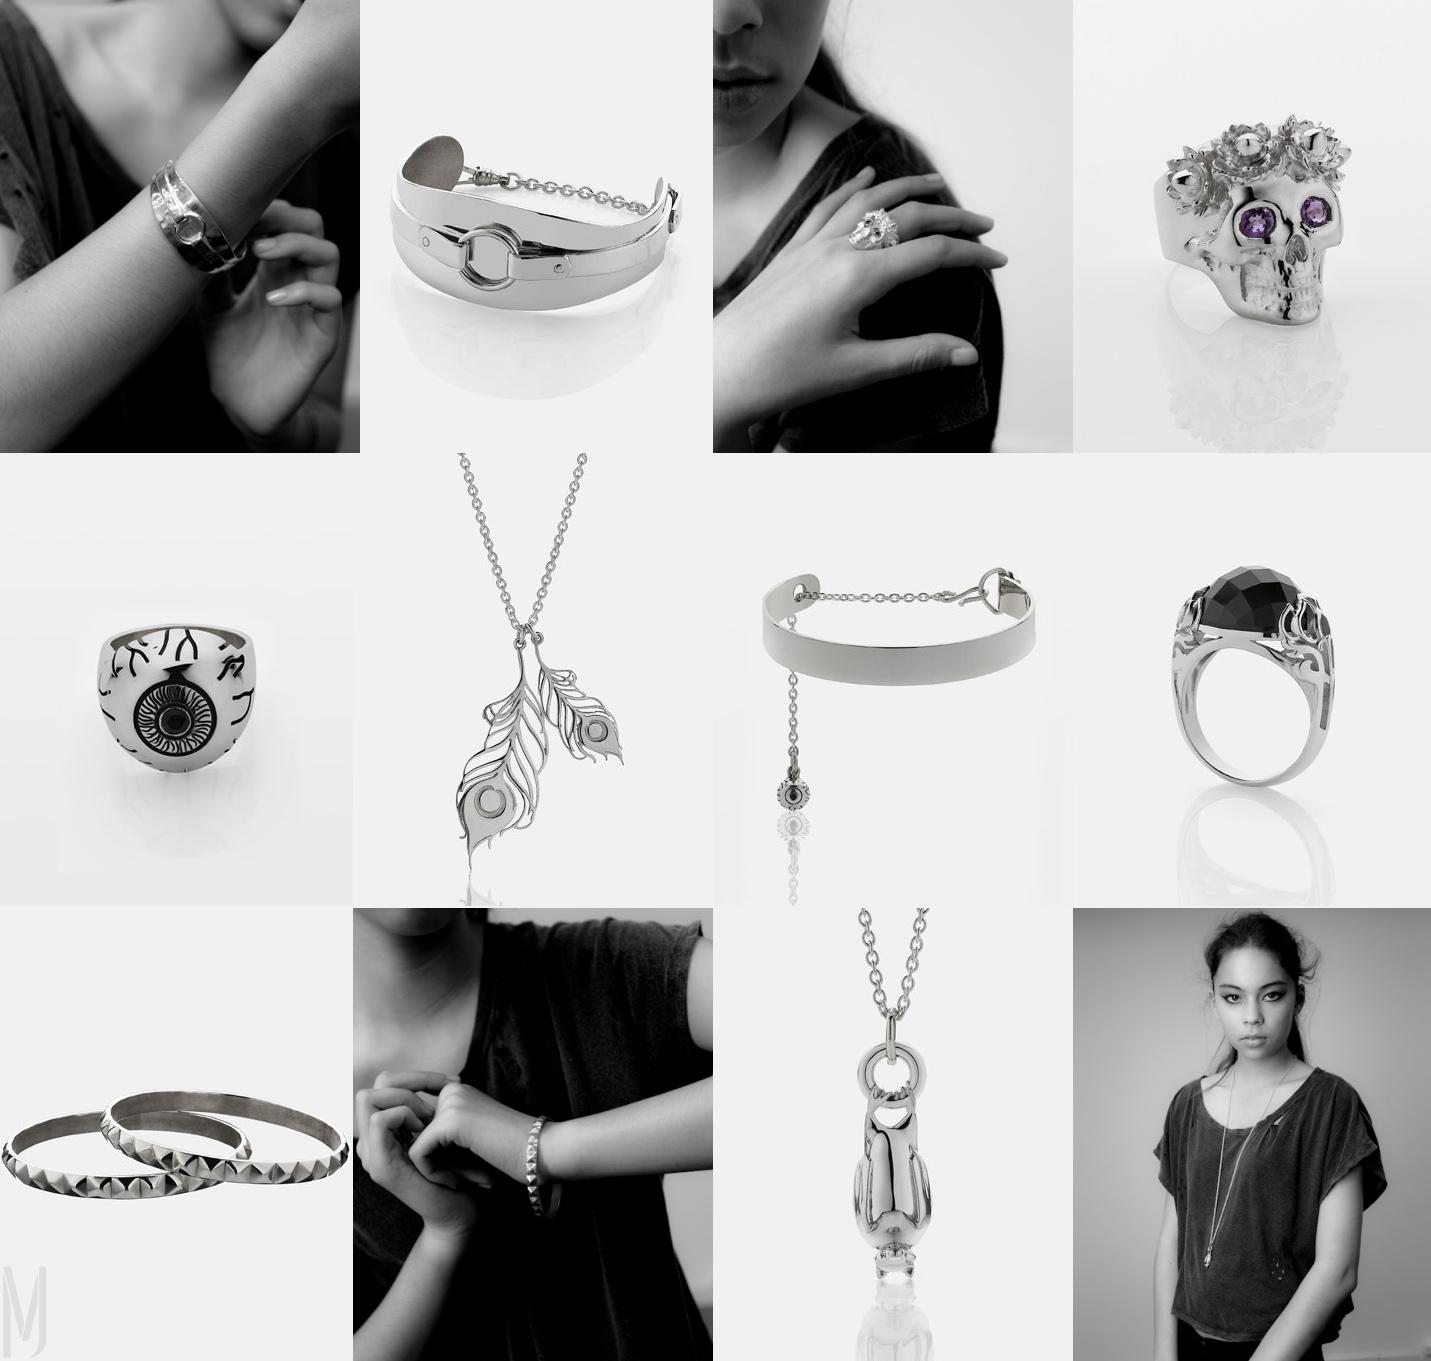 Meadowlark_jewellery - madeofjewelry